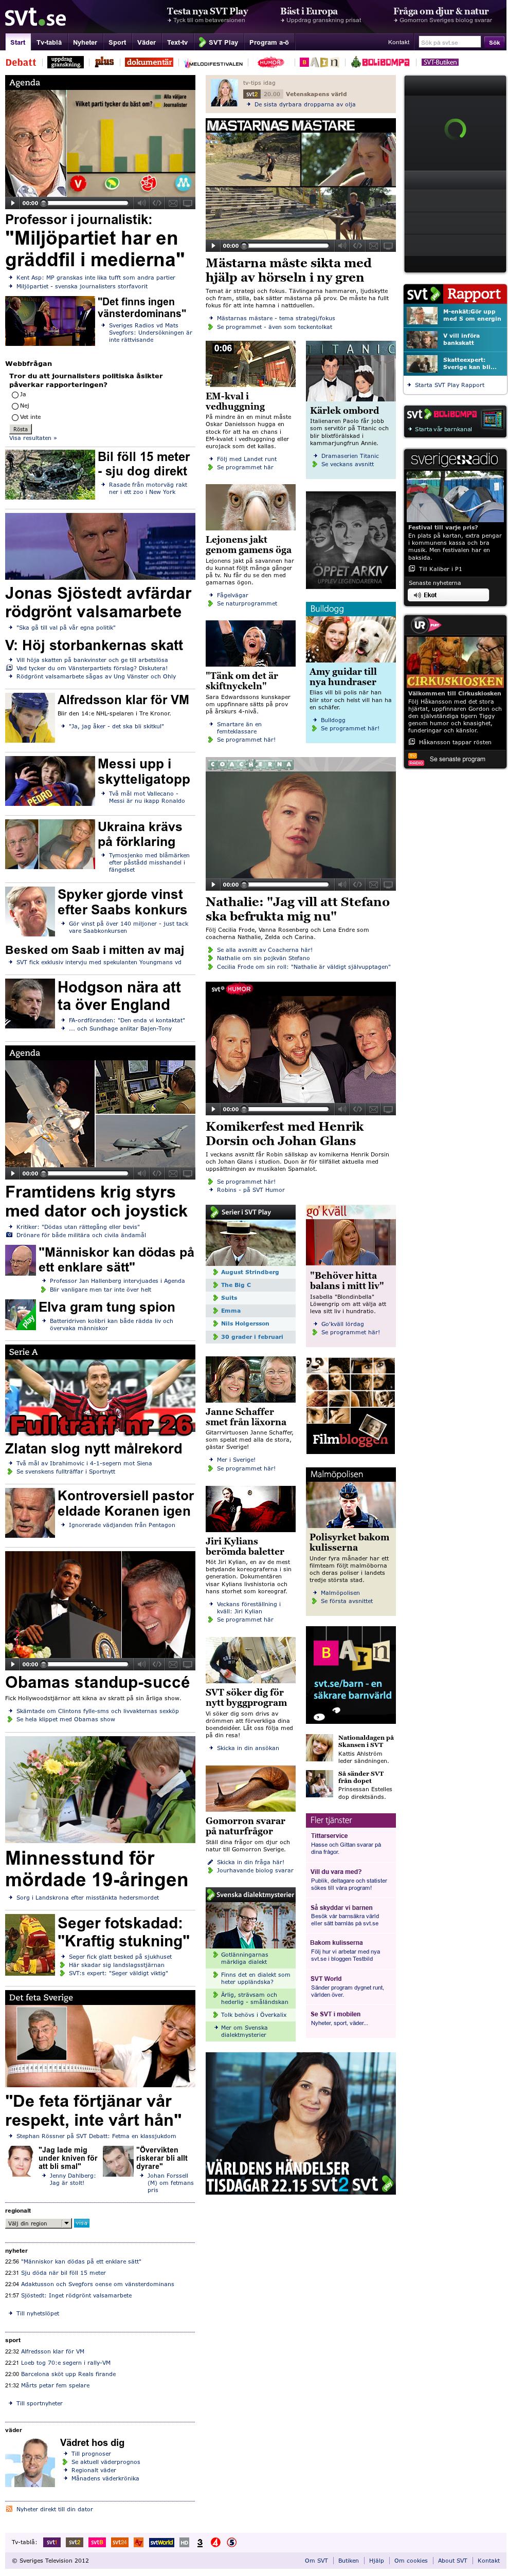 SVT at Sunday April 29, 2012, 11:26 p.m. UTC